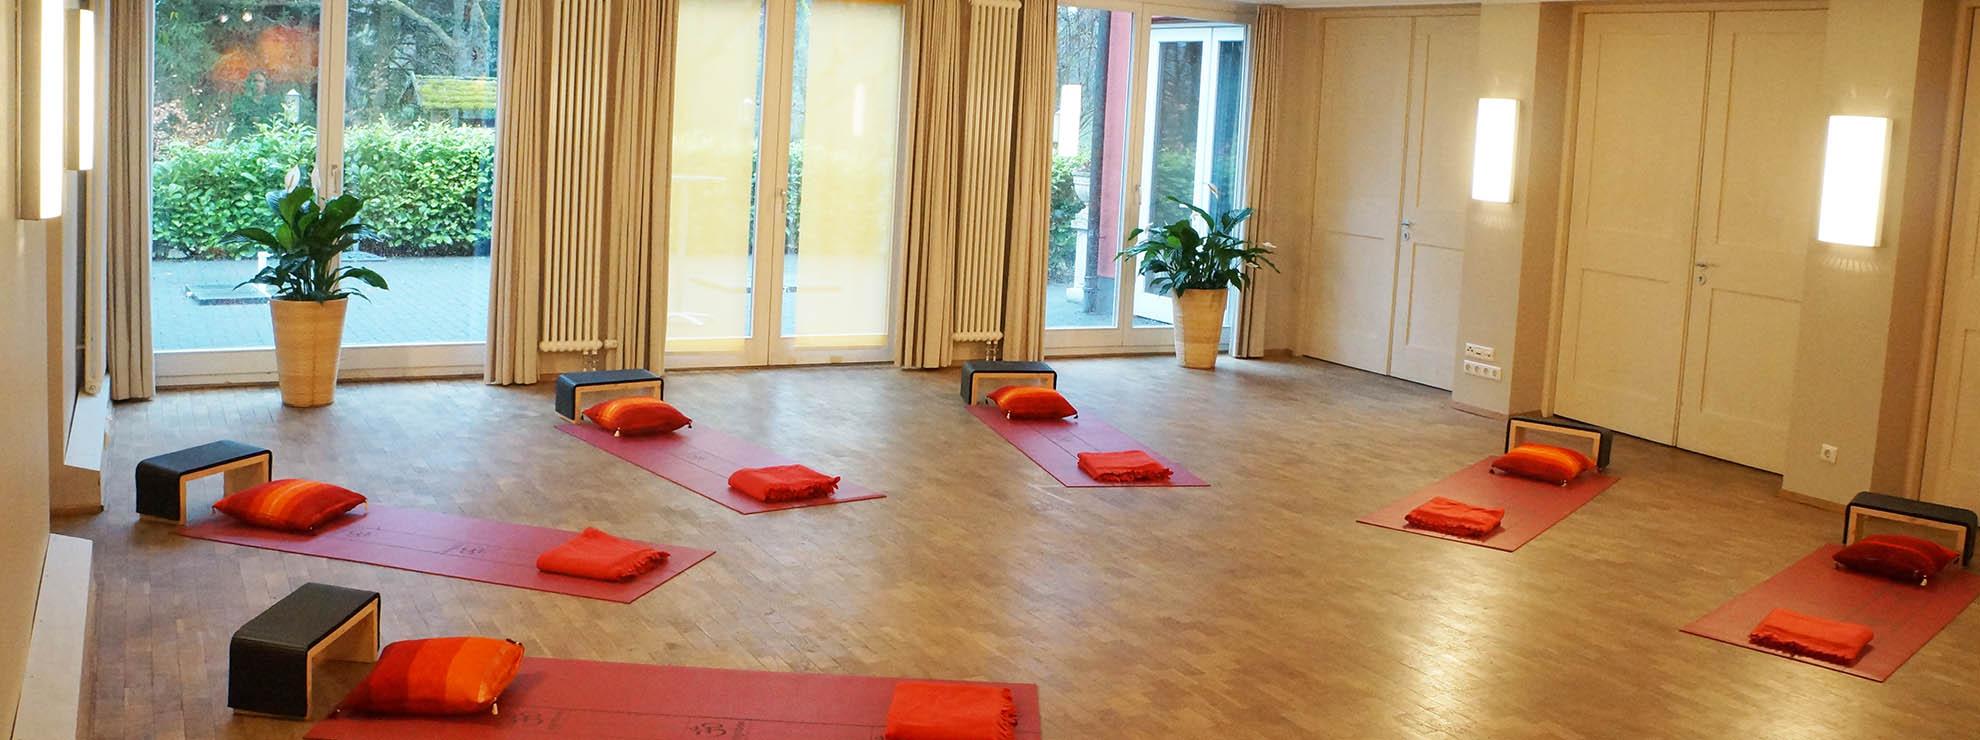 Heller Yoga-Raum mit viel Platz auch für größere Gruppem